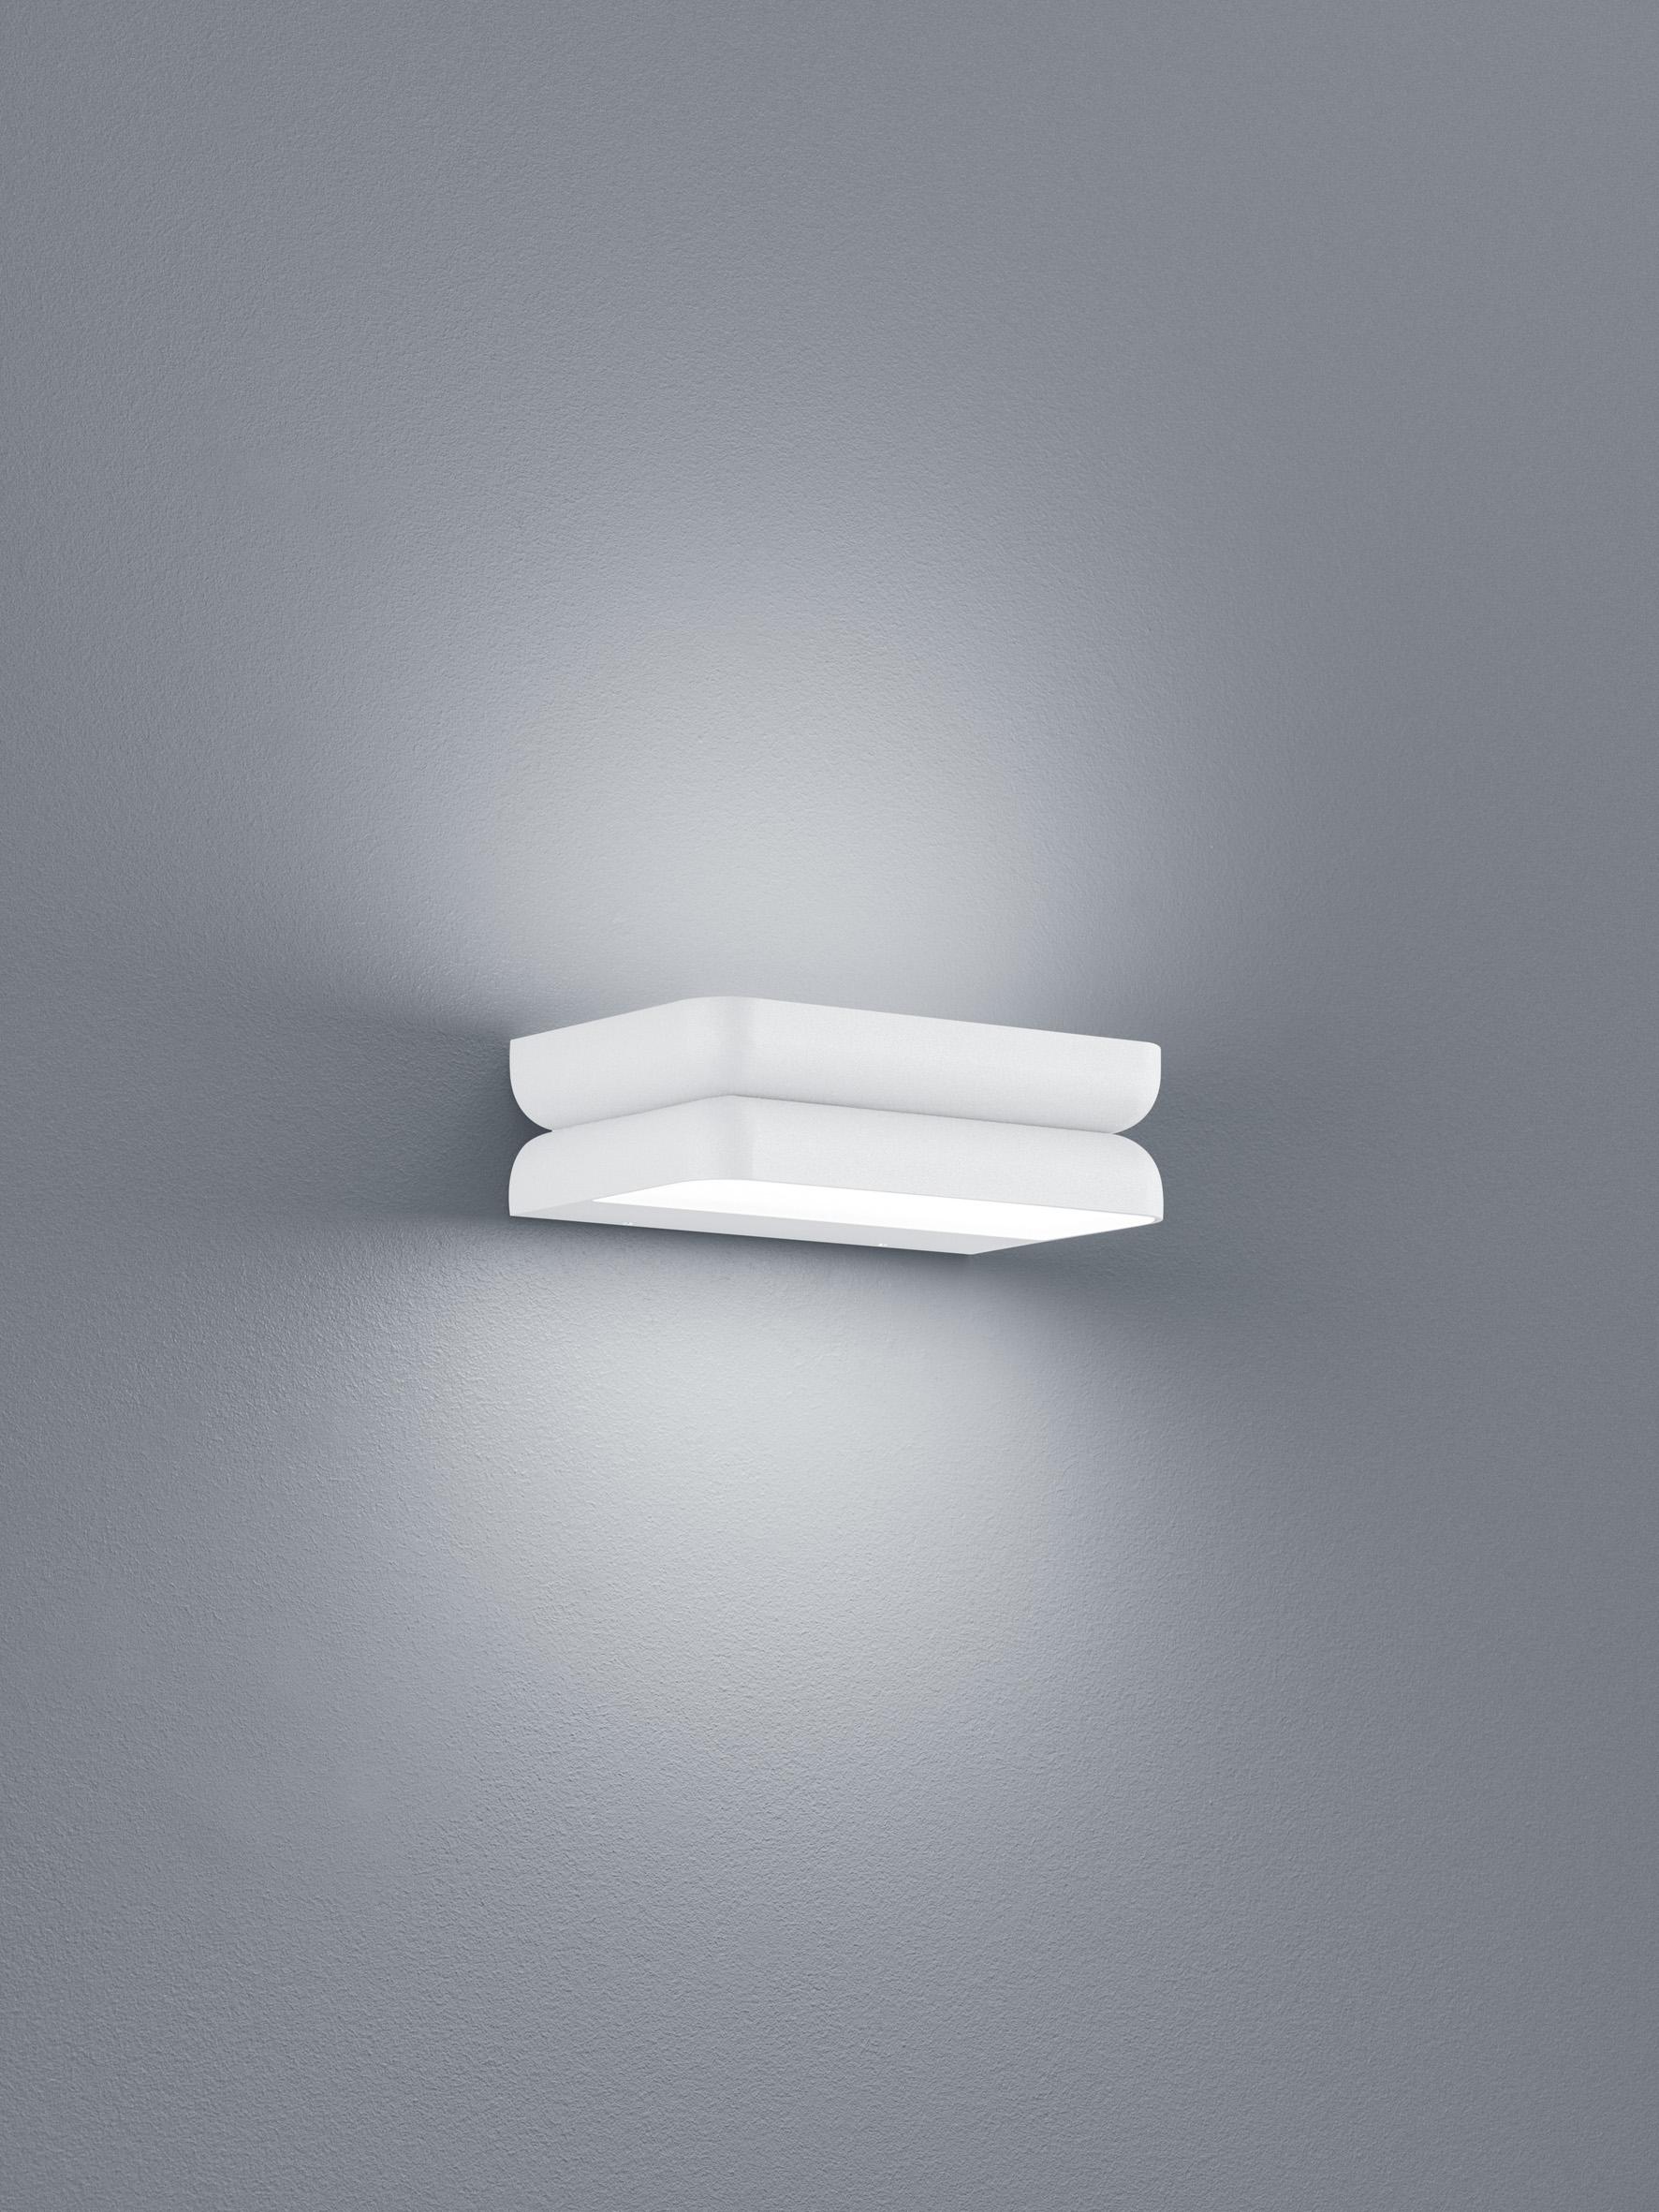 Aussenleuchten von Helestra Leuchten SNAP LED-Wandleuchte A28804.07